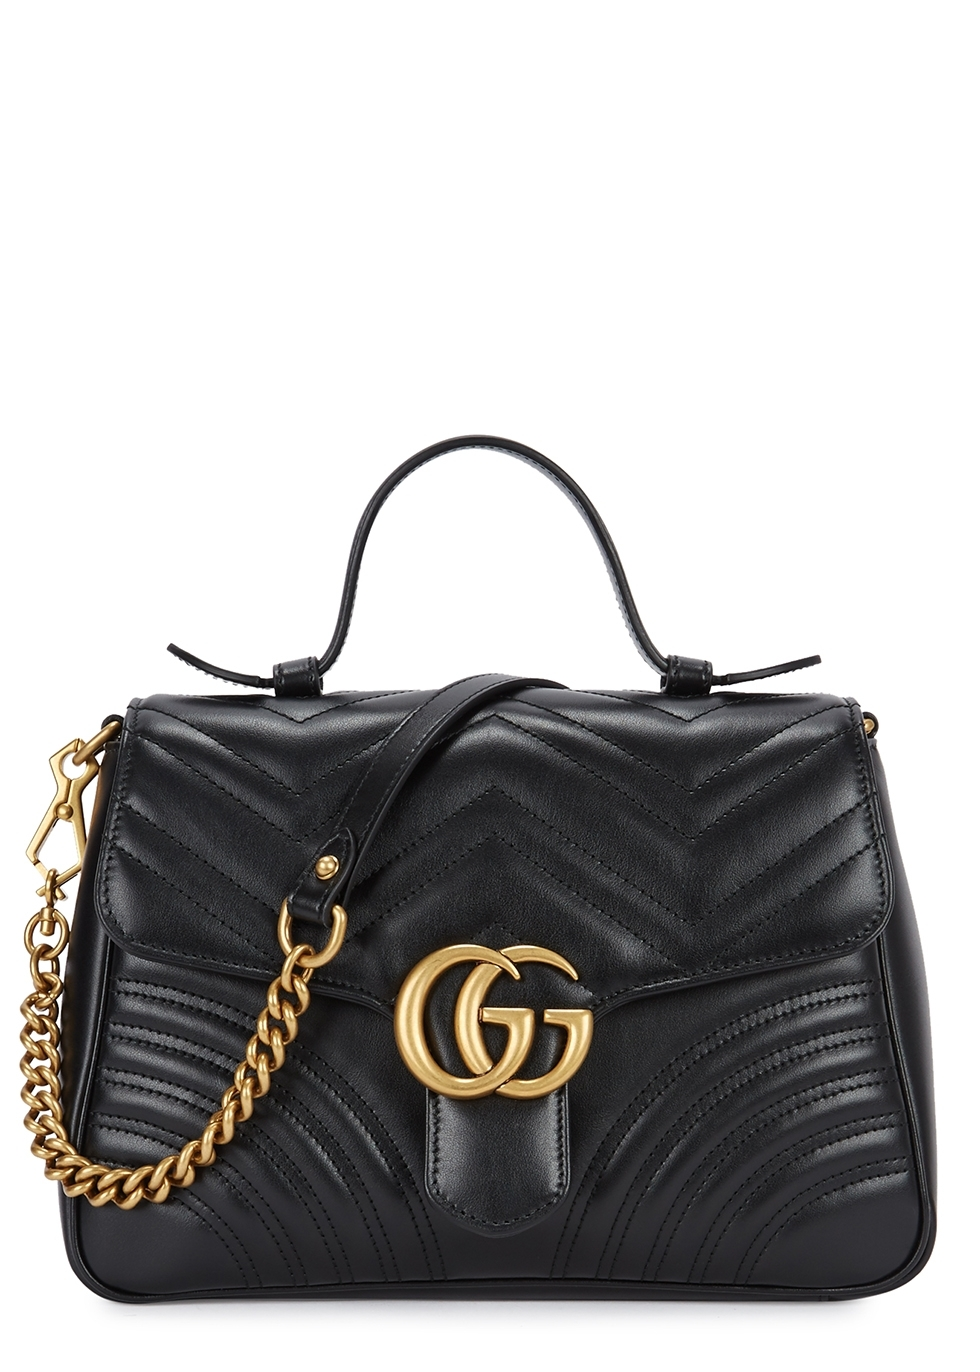 c5a3053866 Women s Designer Bags